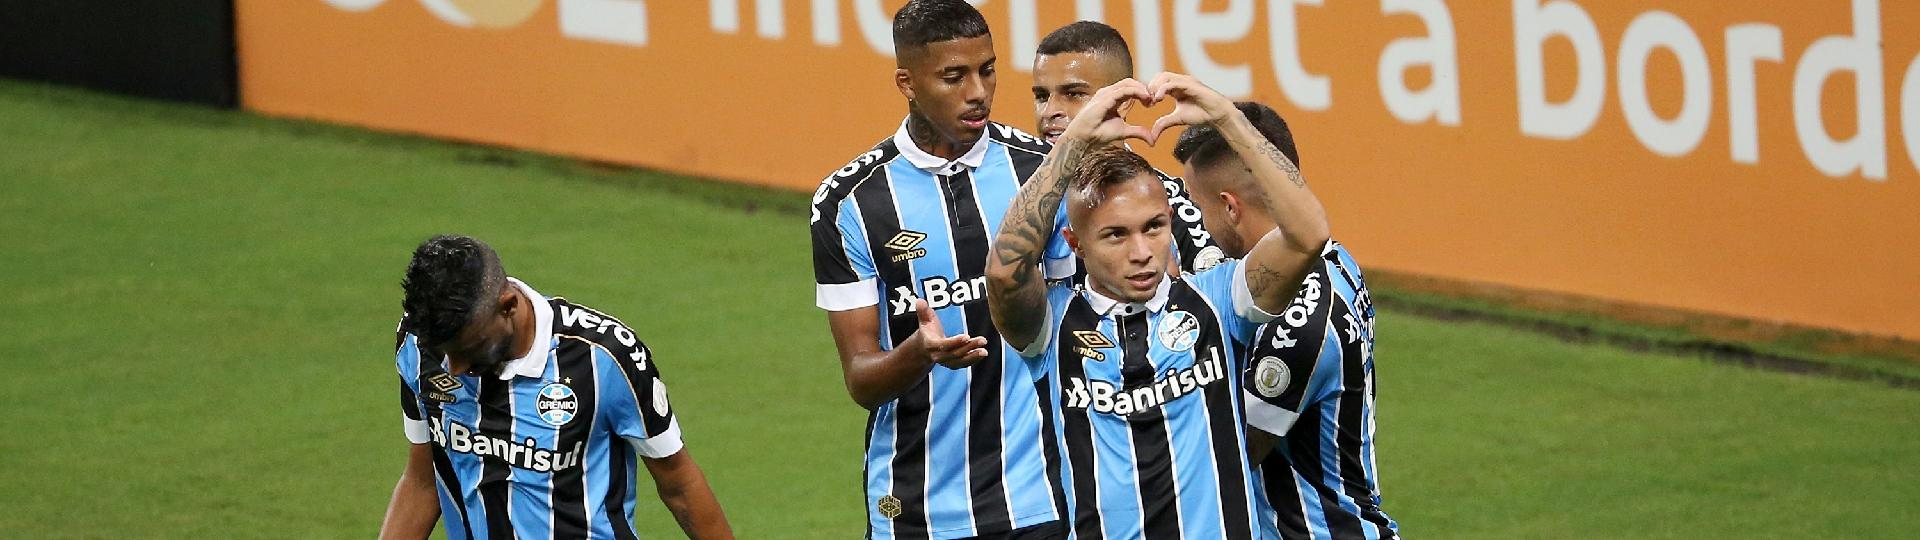 Everton comemora gol do Grêmio contra o Fluminense